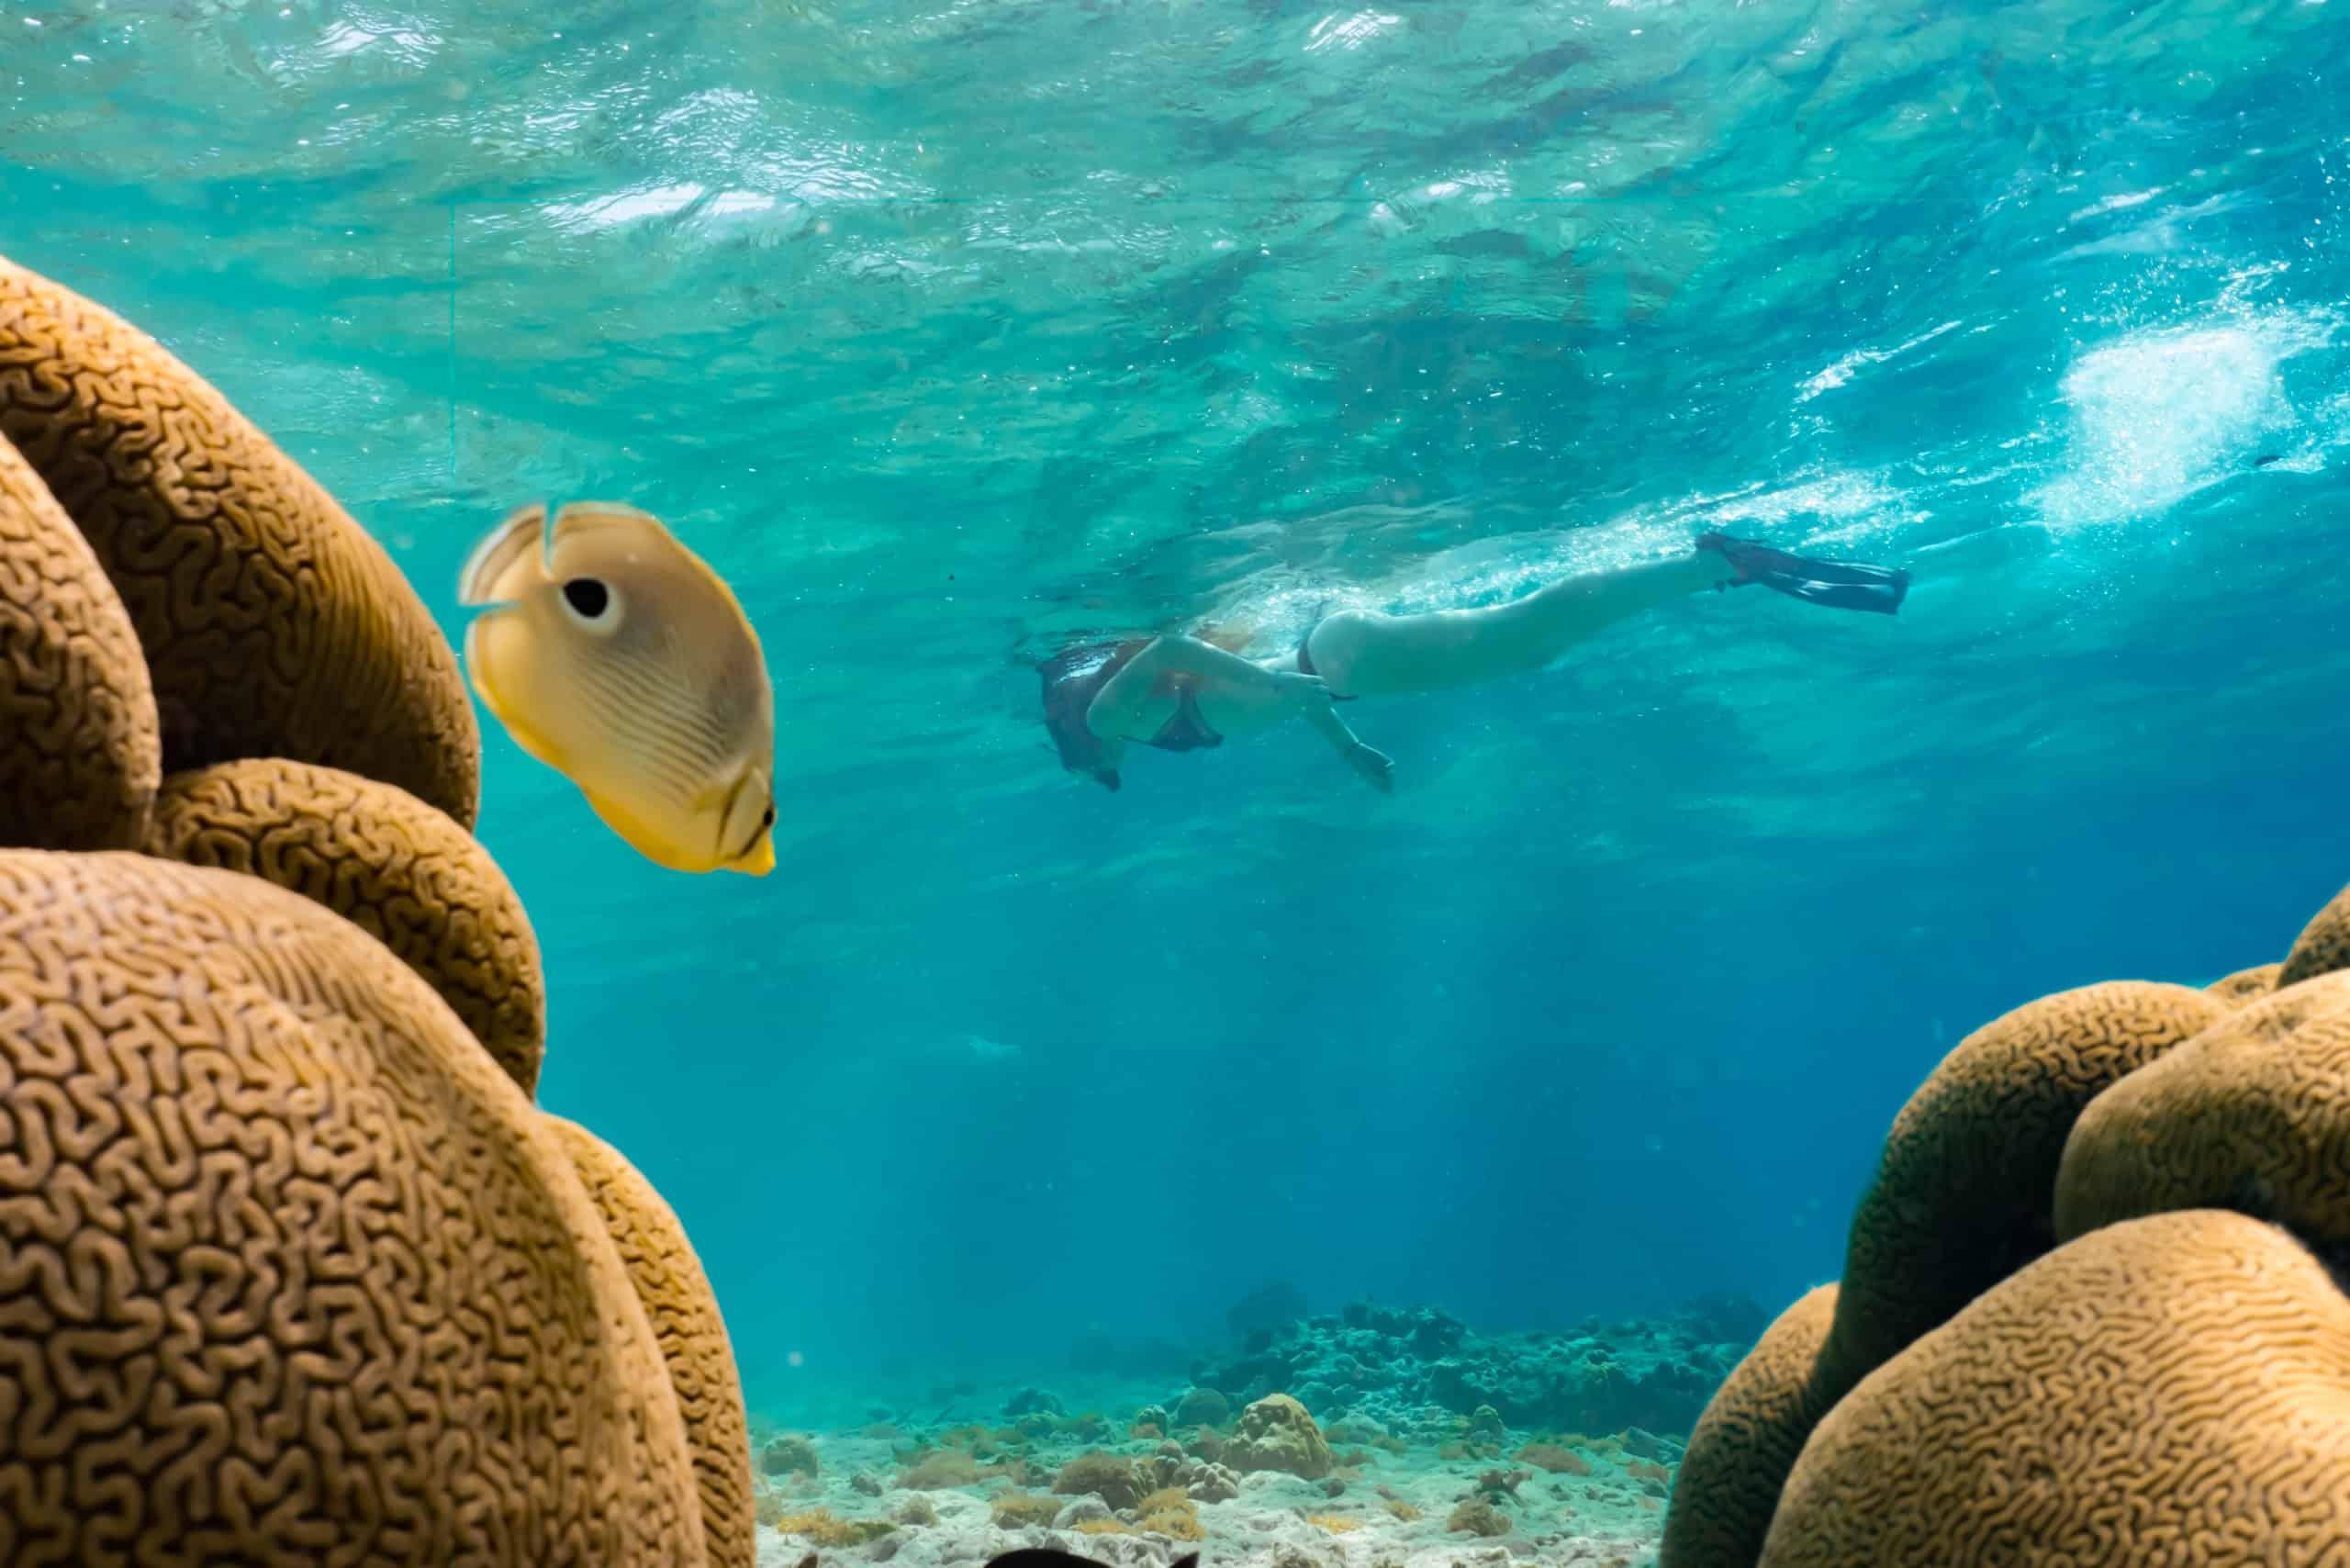 Snorkeling at Mangel Halto